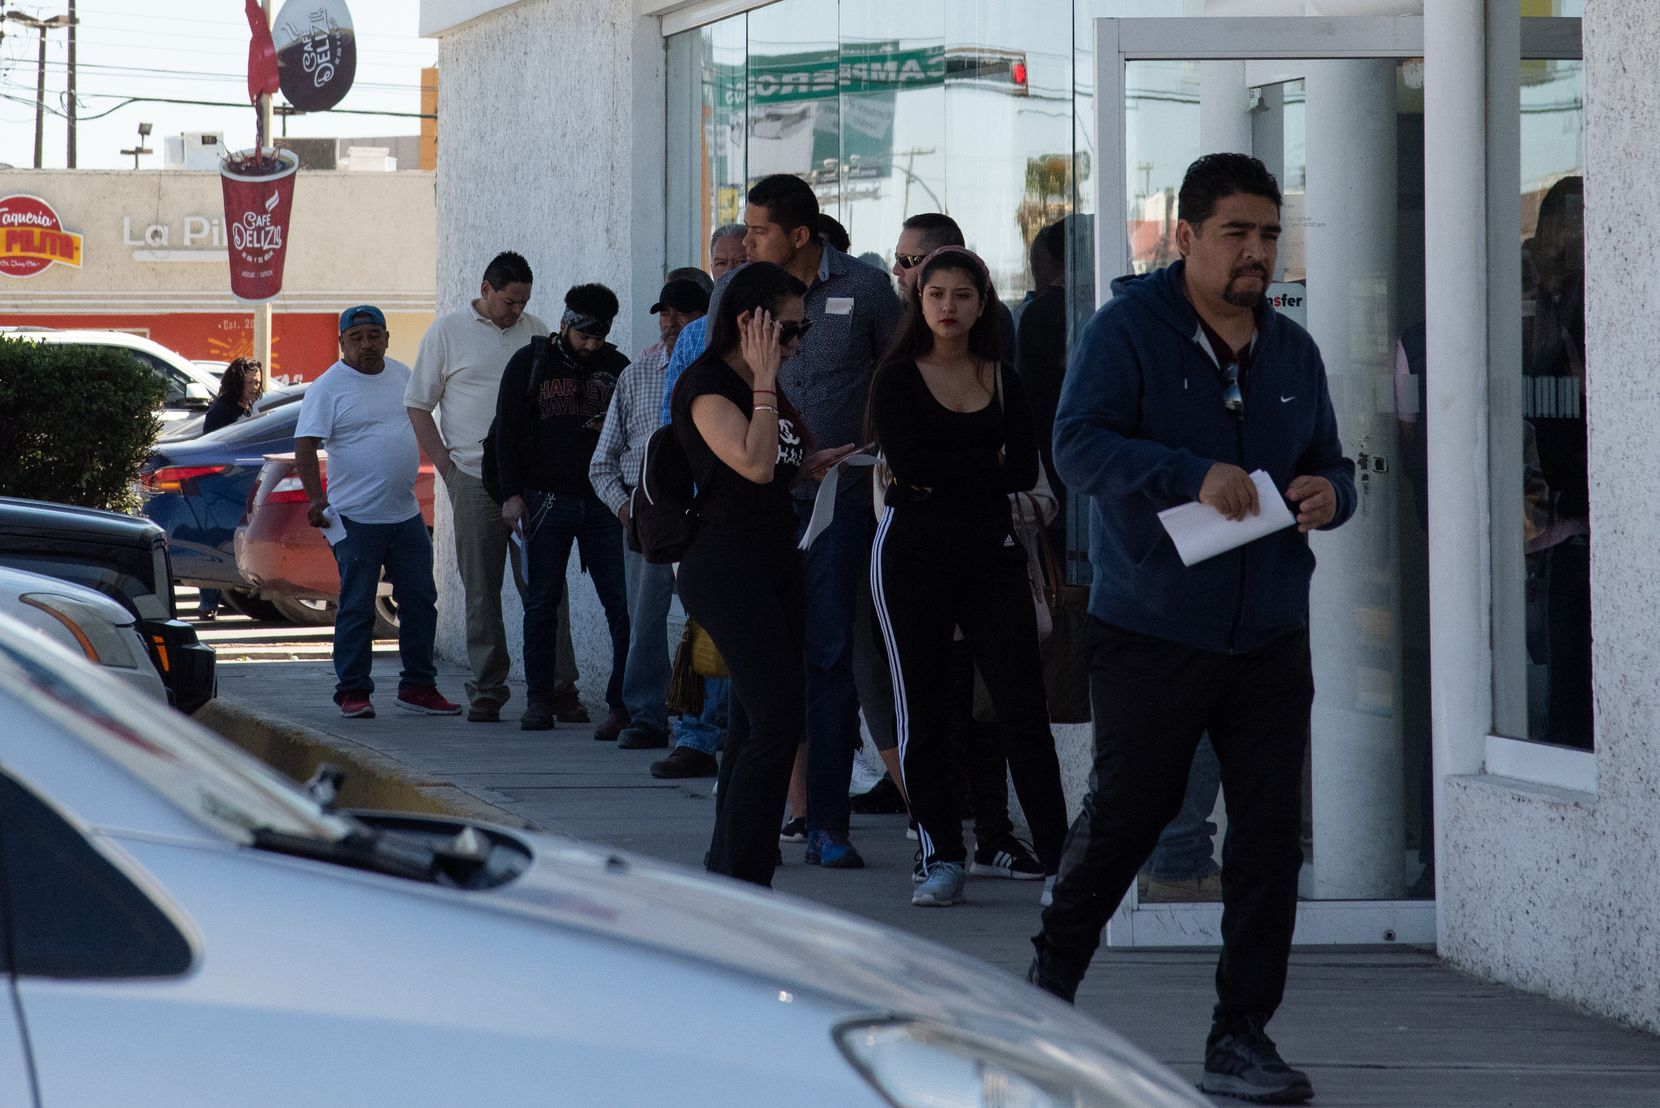 Personas se forman en la línea para utilizar un cajero de banco en Ciudad Juárez, México.